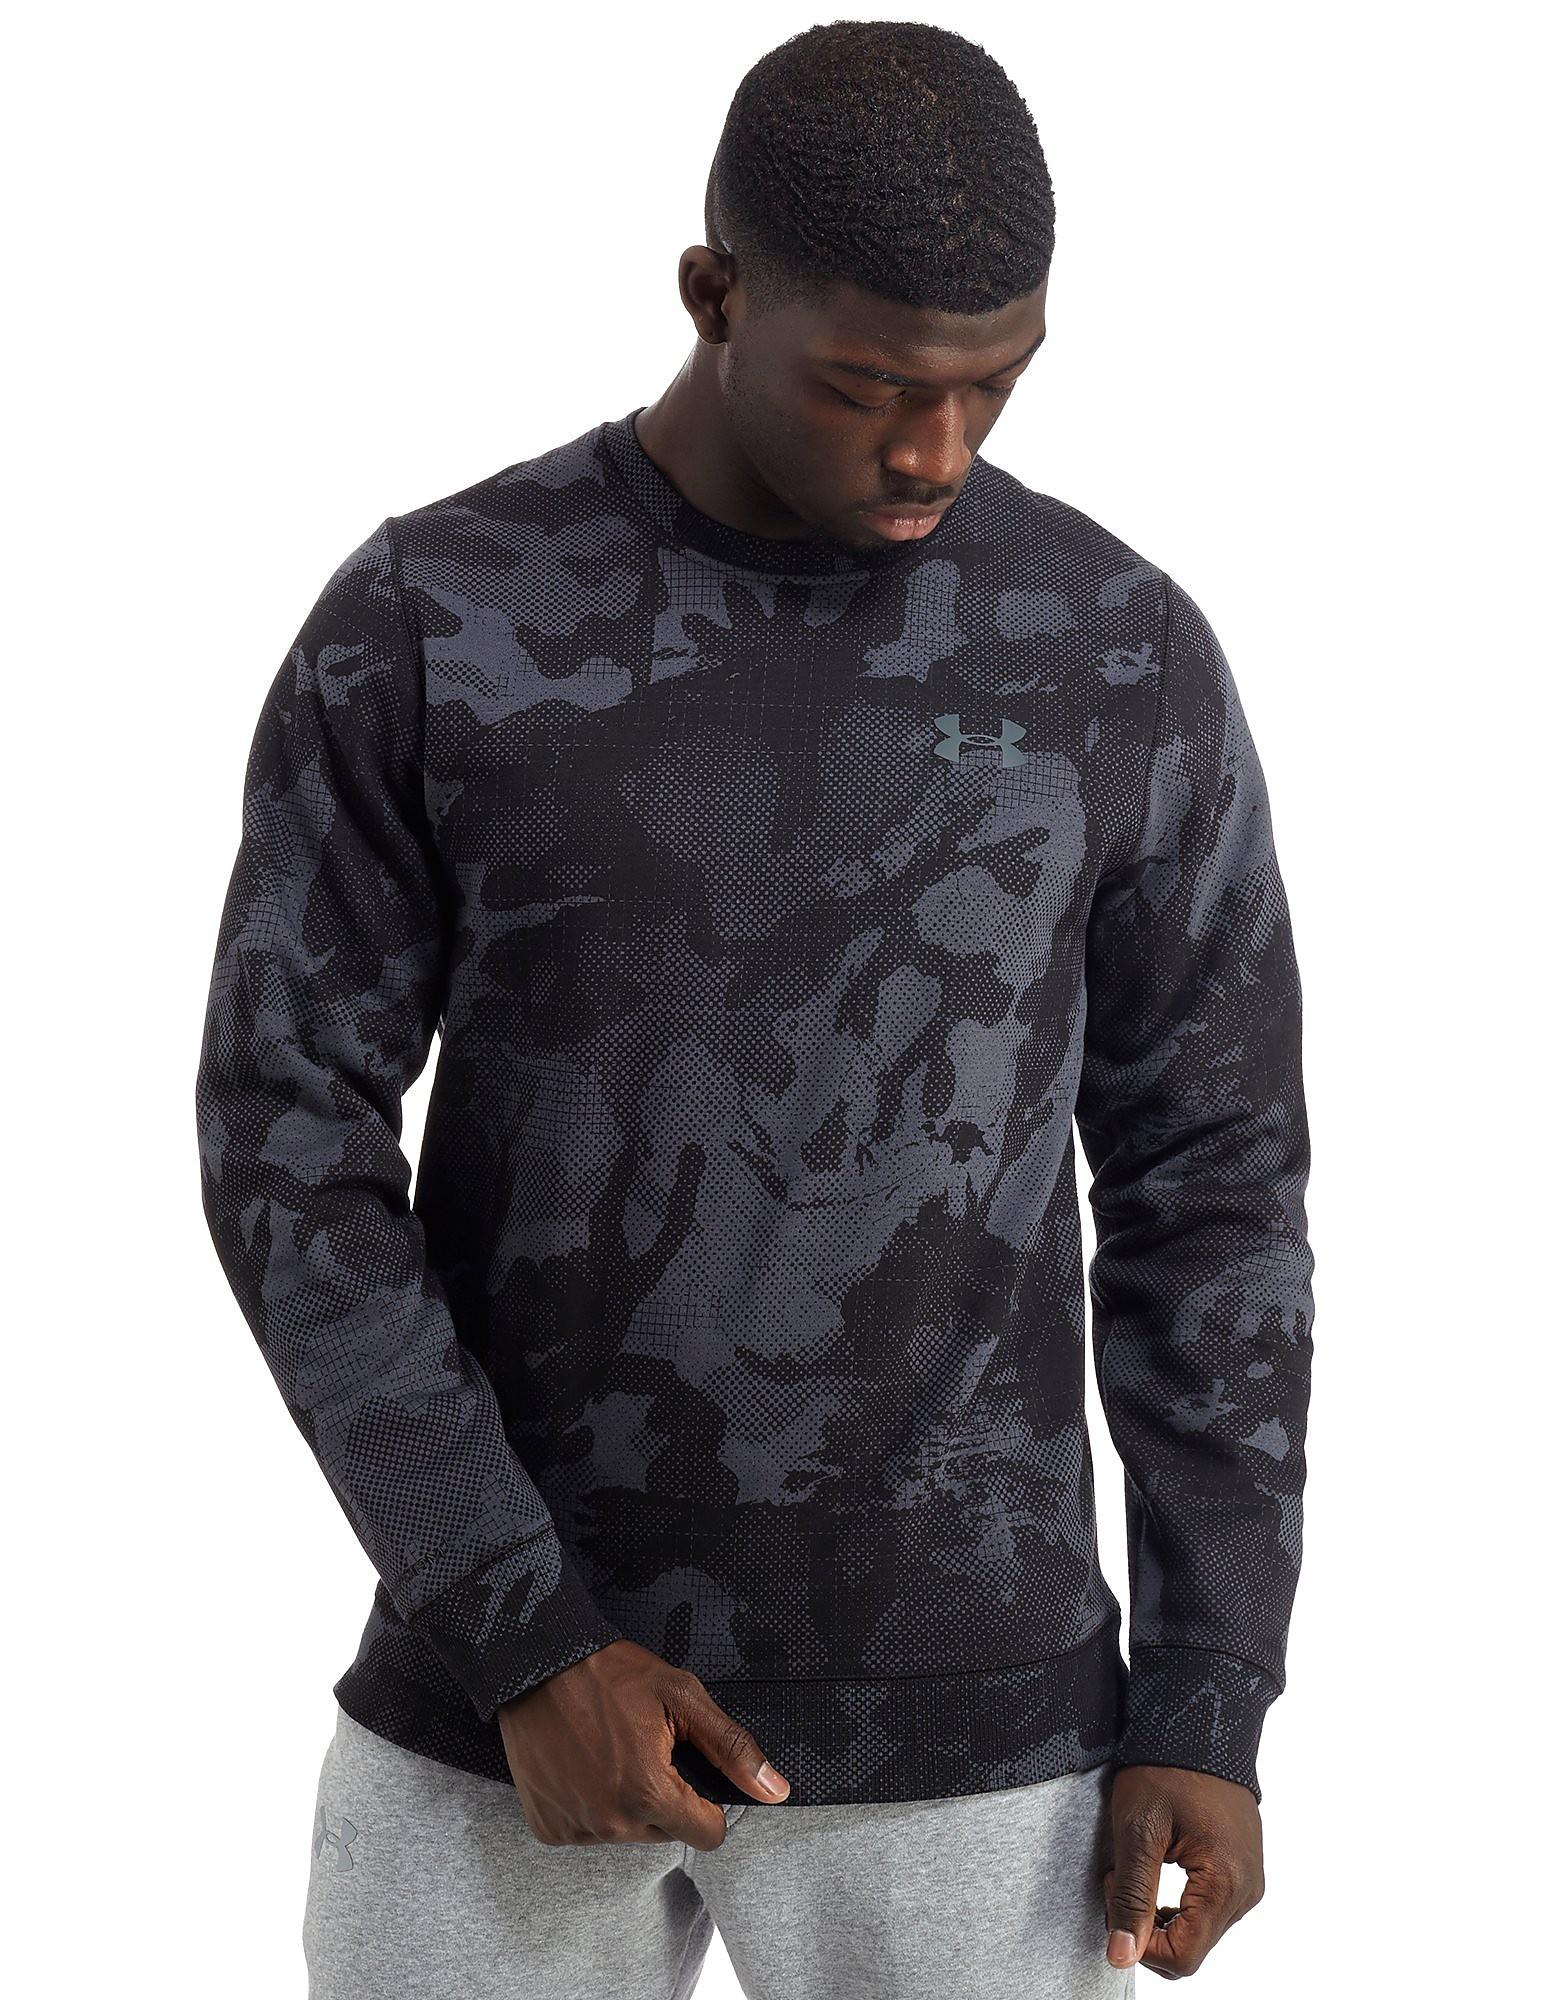 Under Armour Storm Crew Sweatshirt